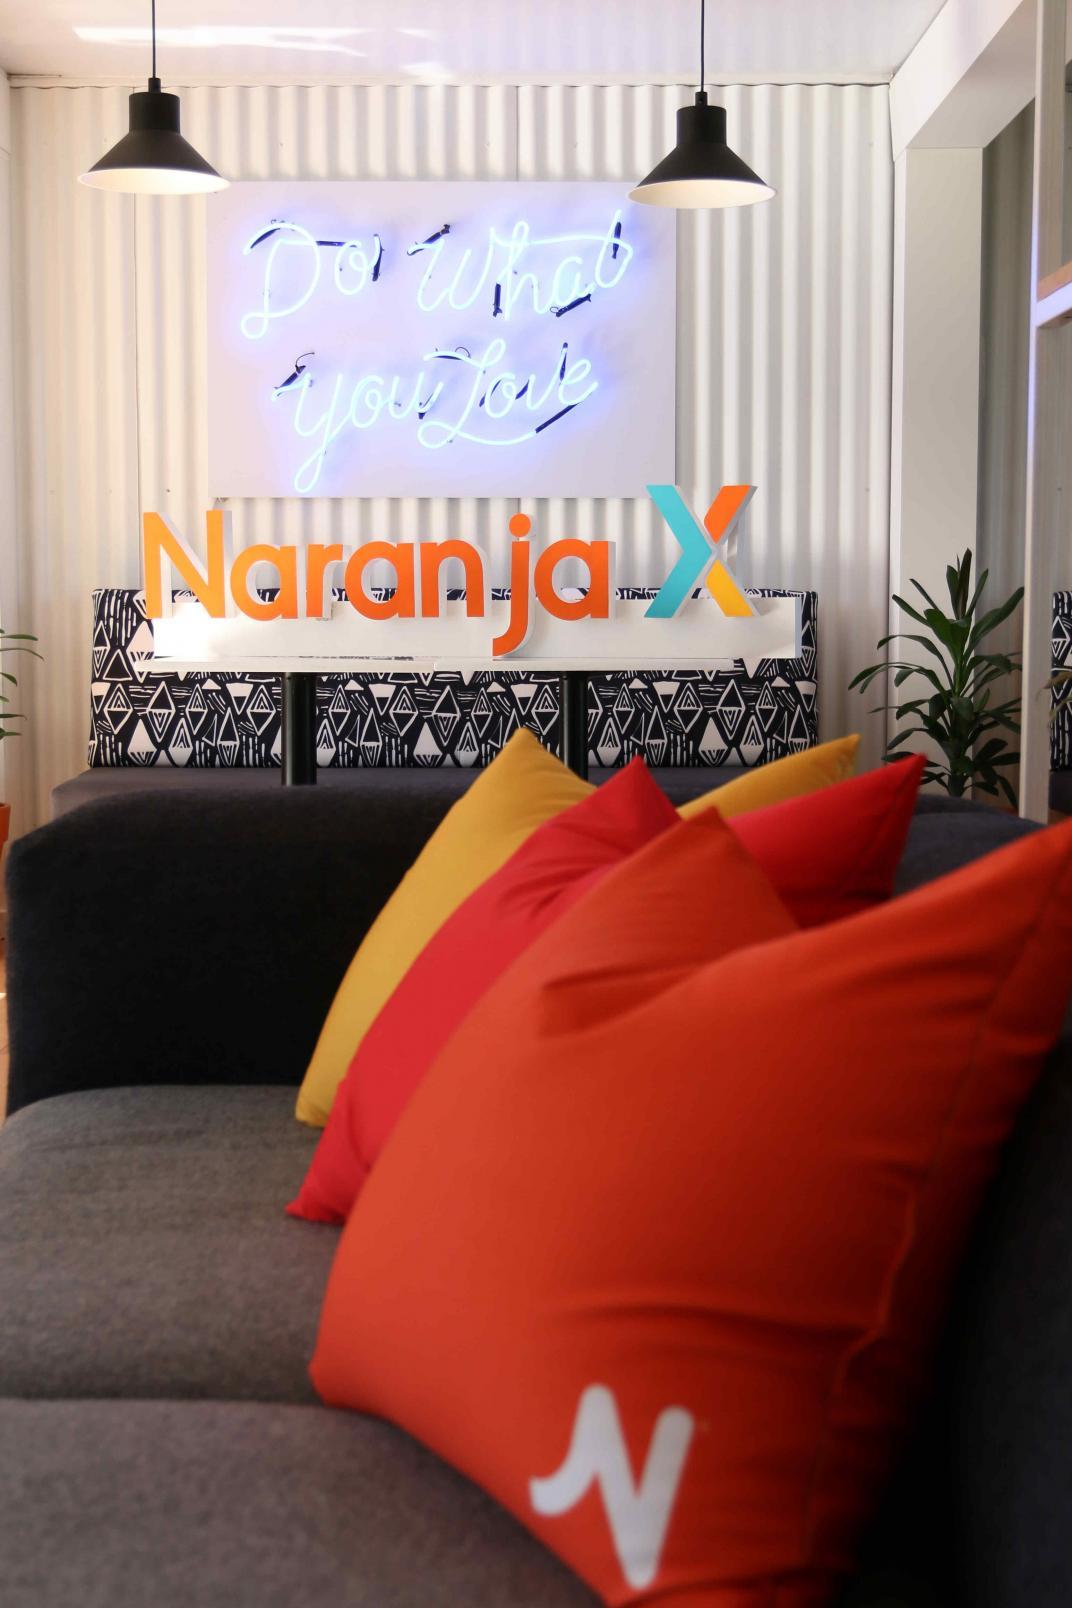 Naranja X ofrece beneficios y descuentos en compras online